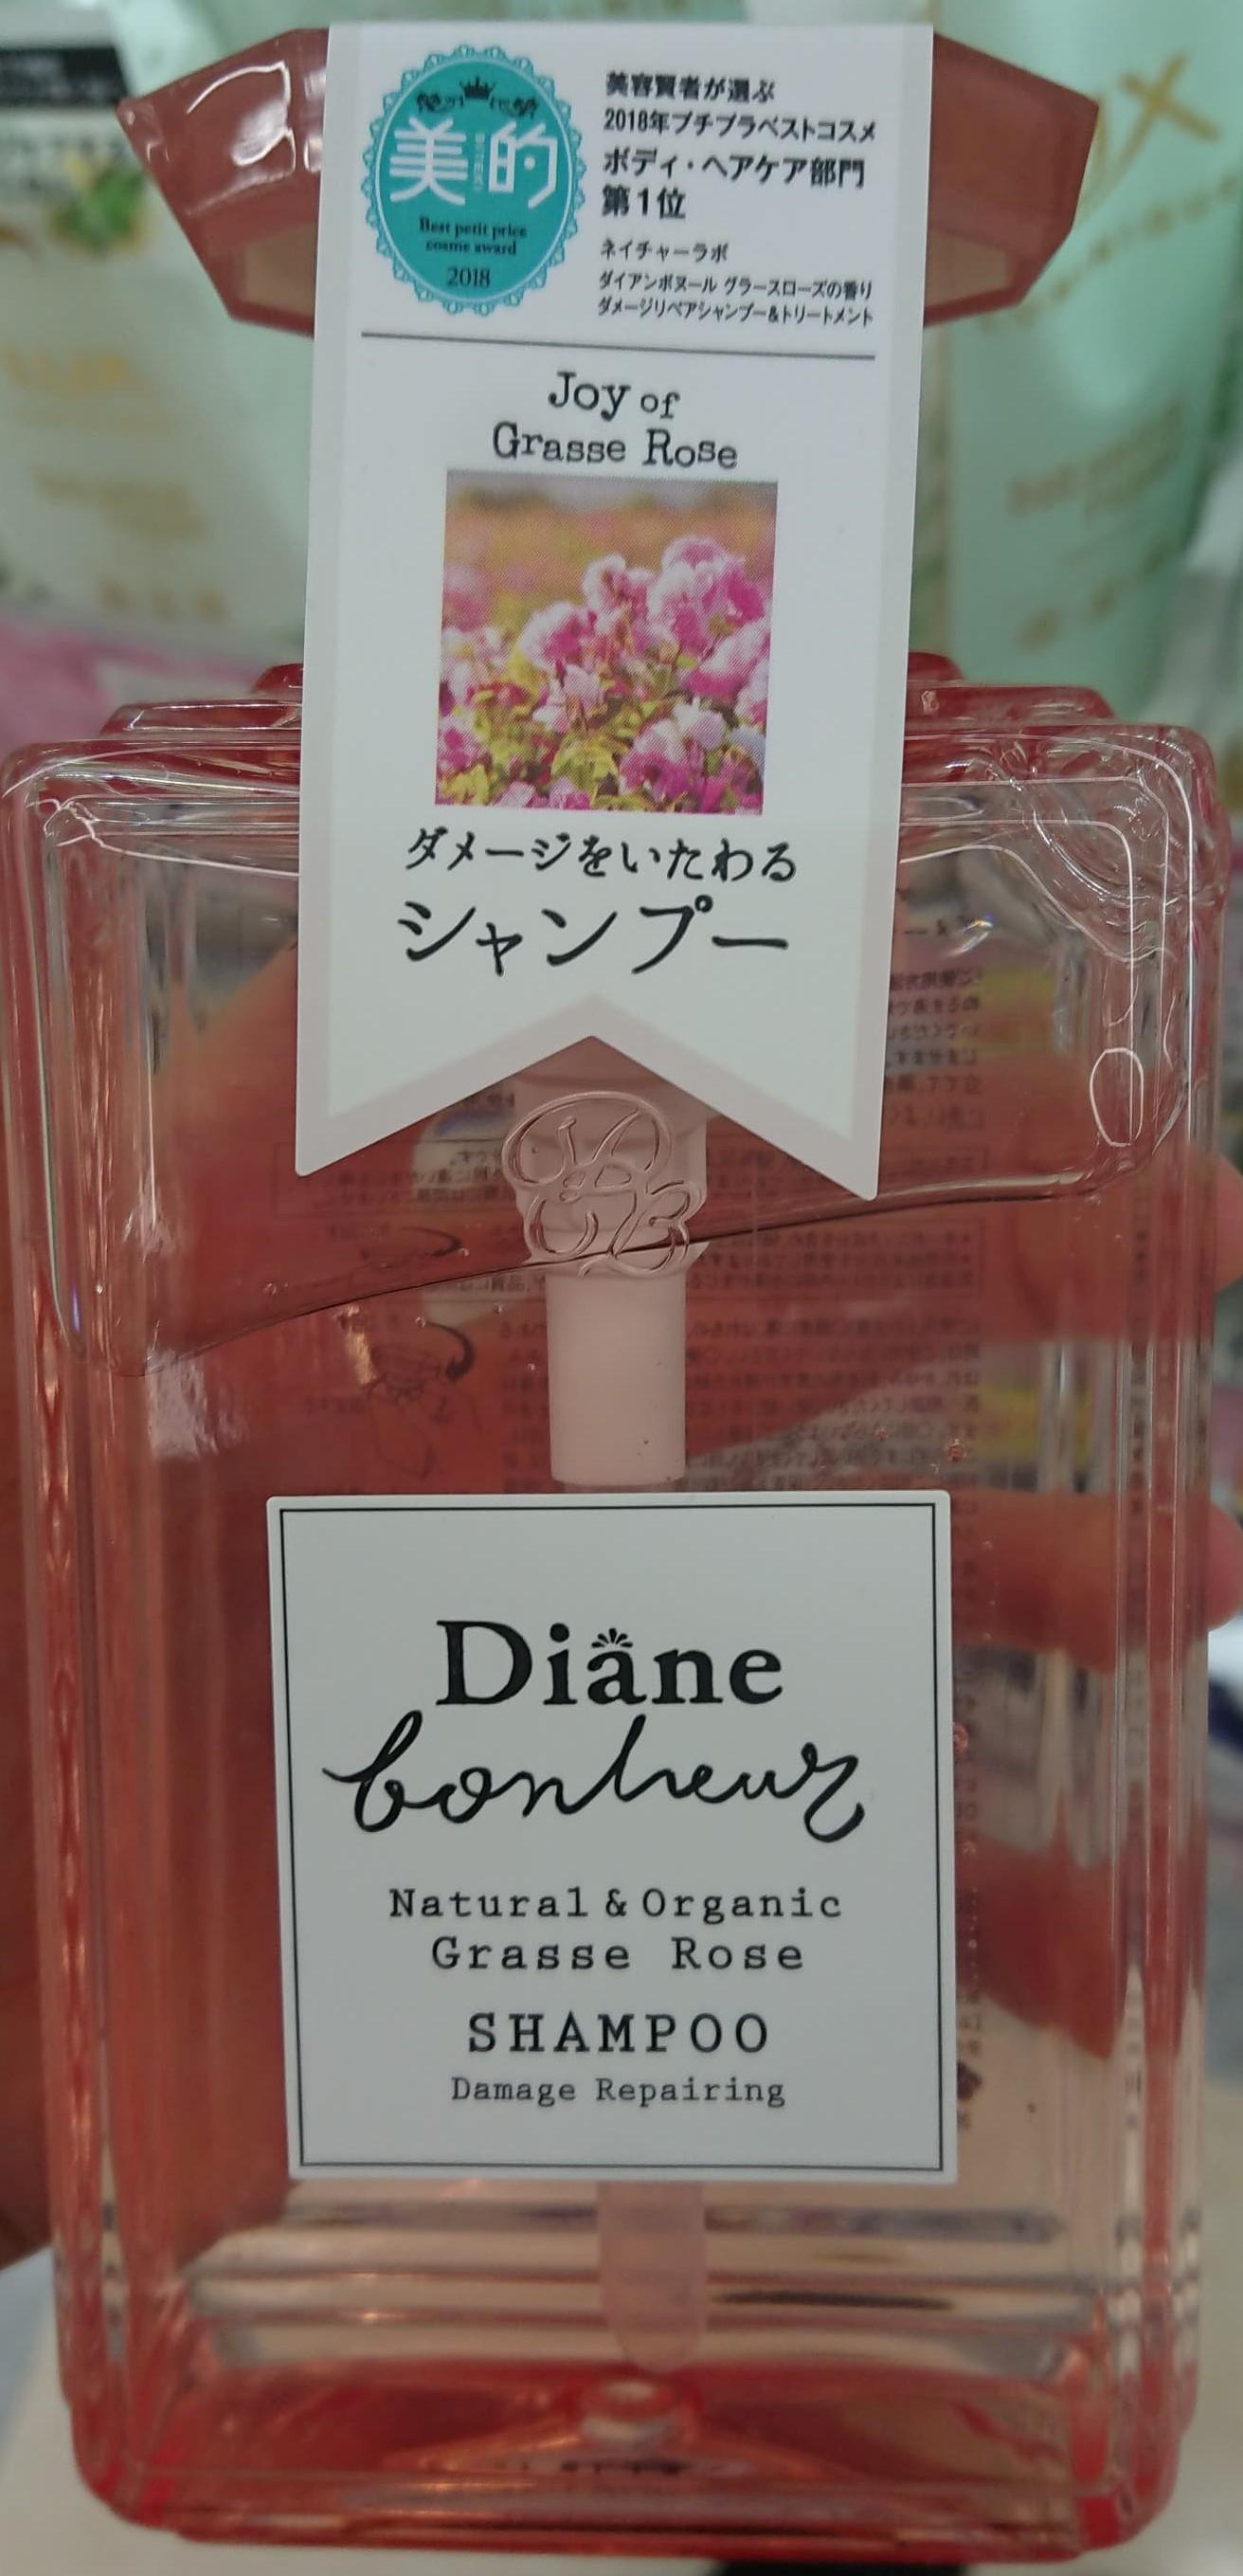 Diane Bonheur Natural & Organic Grasse Rose Shampoo, Damage Repairing (Vegan Society certified)